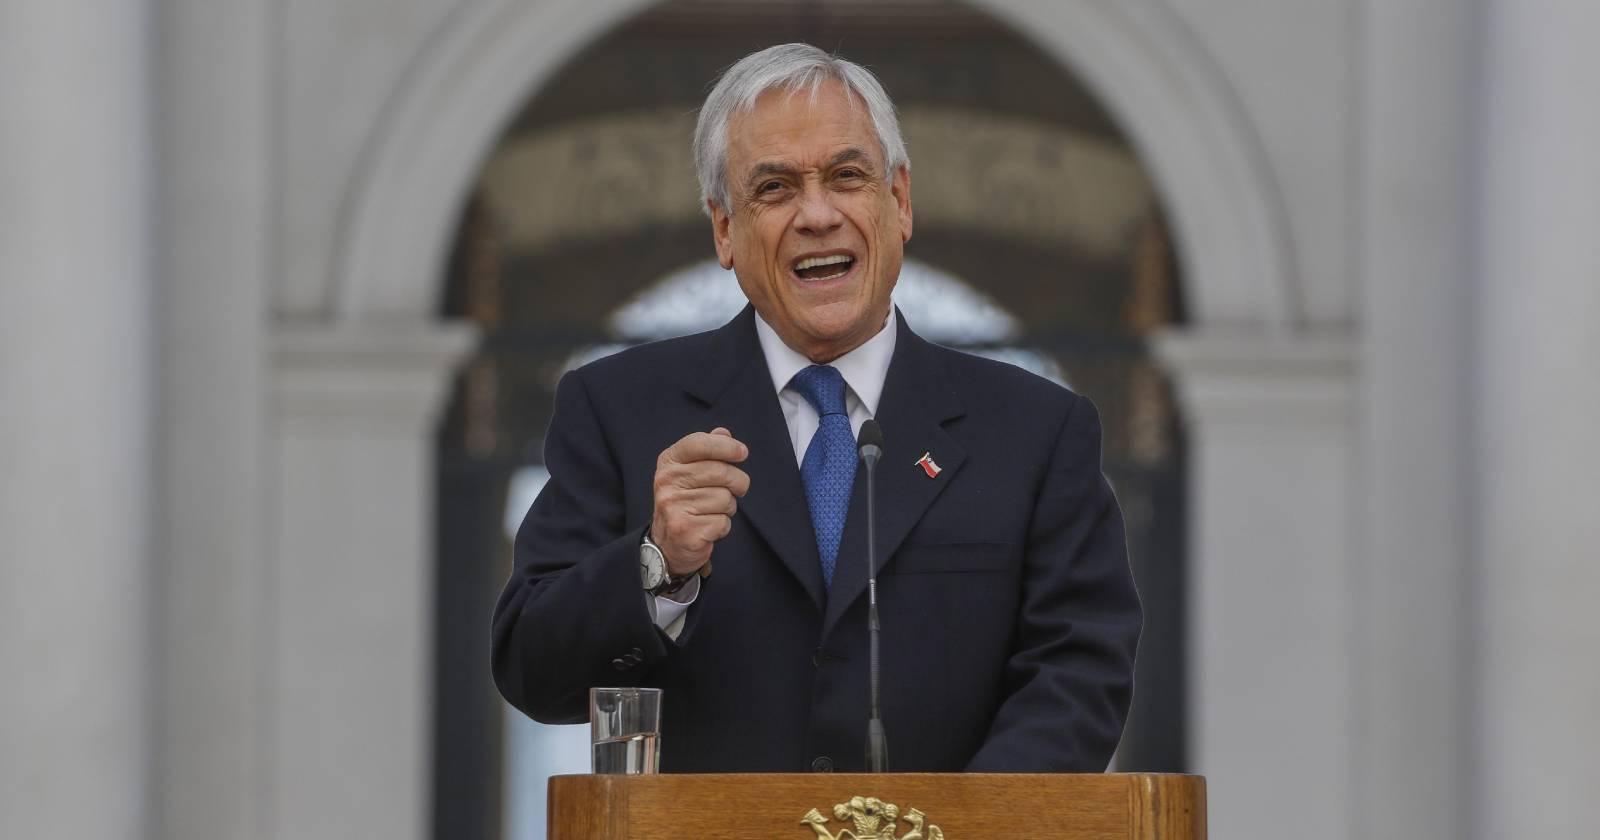 Se mantiene Mañalich y sale Sichel: Piñera realiza cambio de gabinete en plena crisis por COVID-19